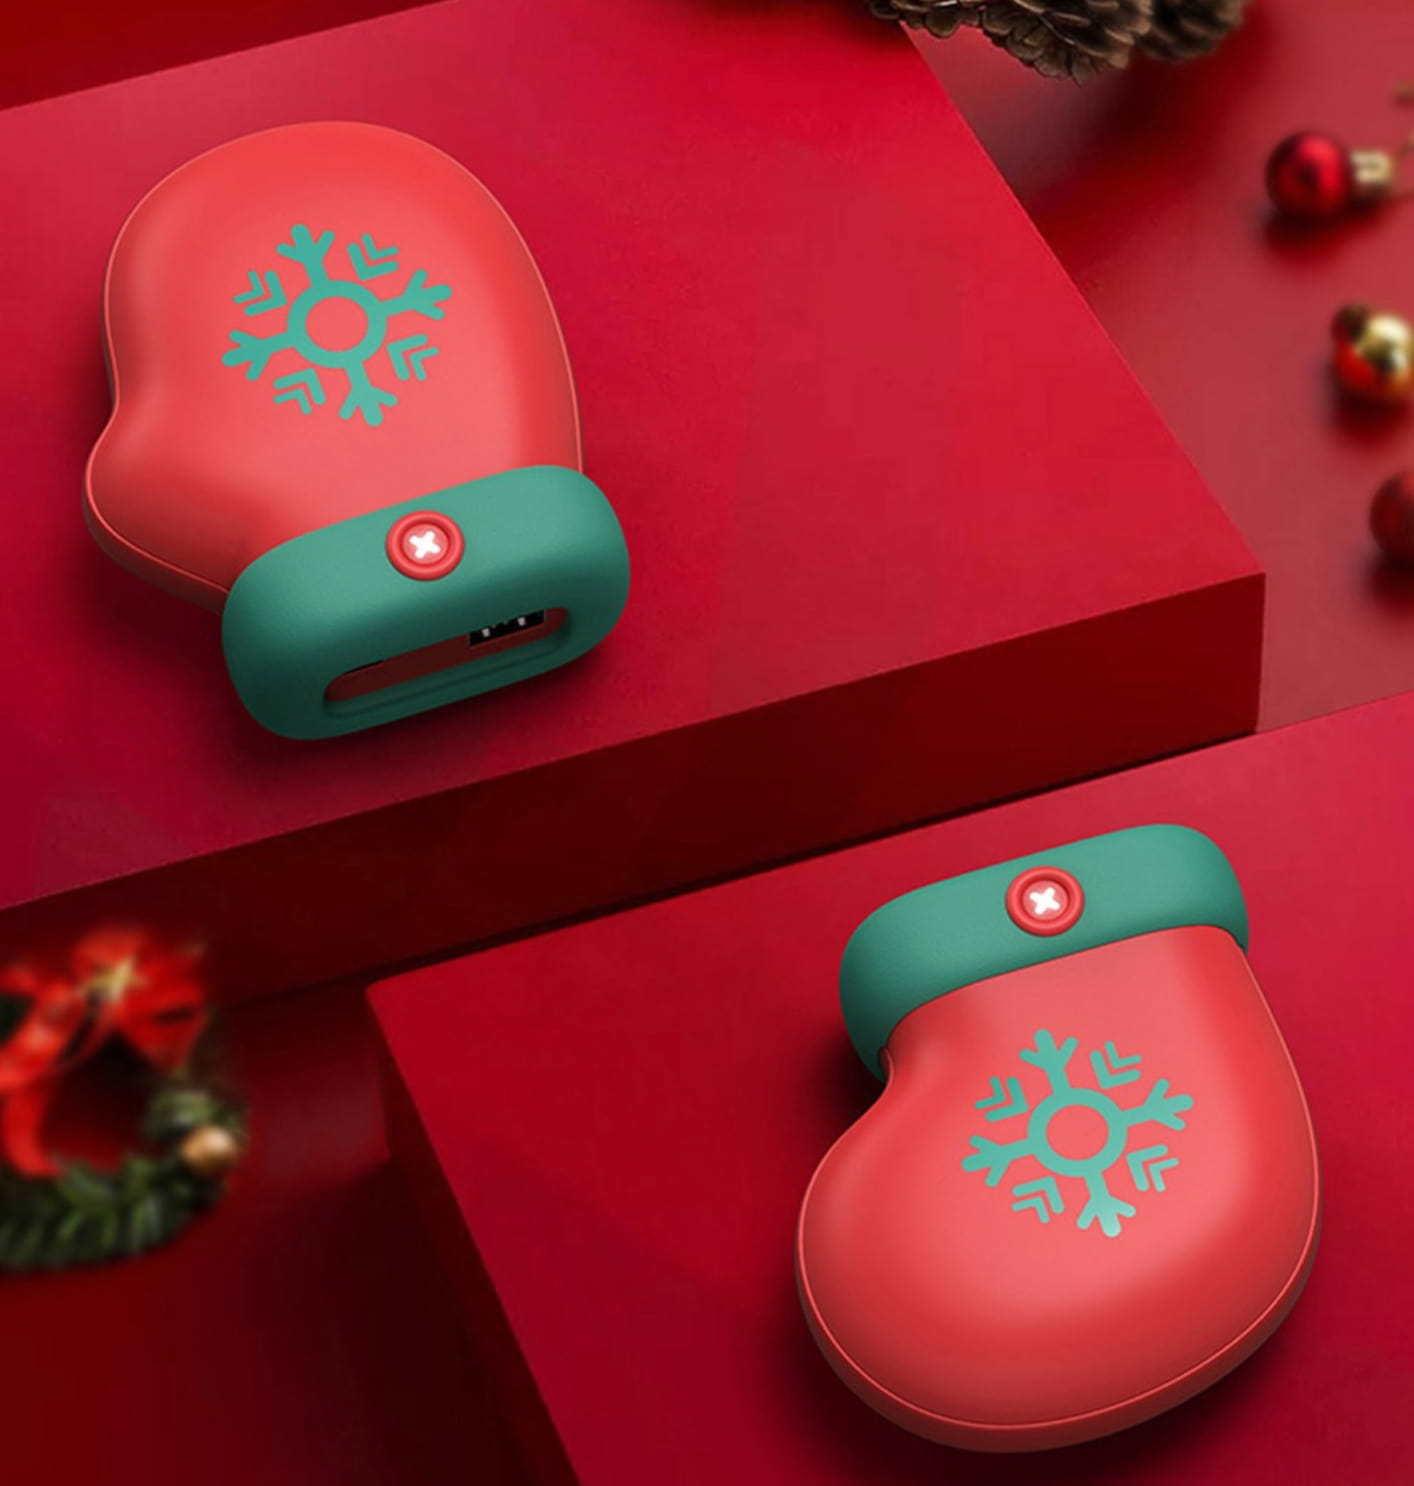 暖手袋|【聖誕交換禮物2020】貼地實用禮物$100蚊大集合|美食到會外賣餐飲服務|Kama Delivery